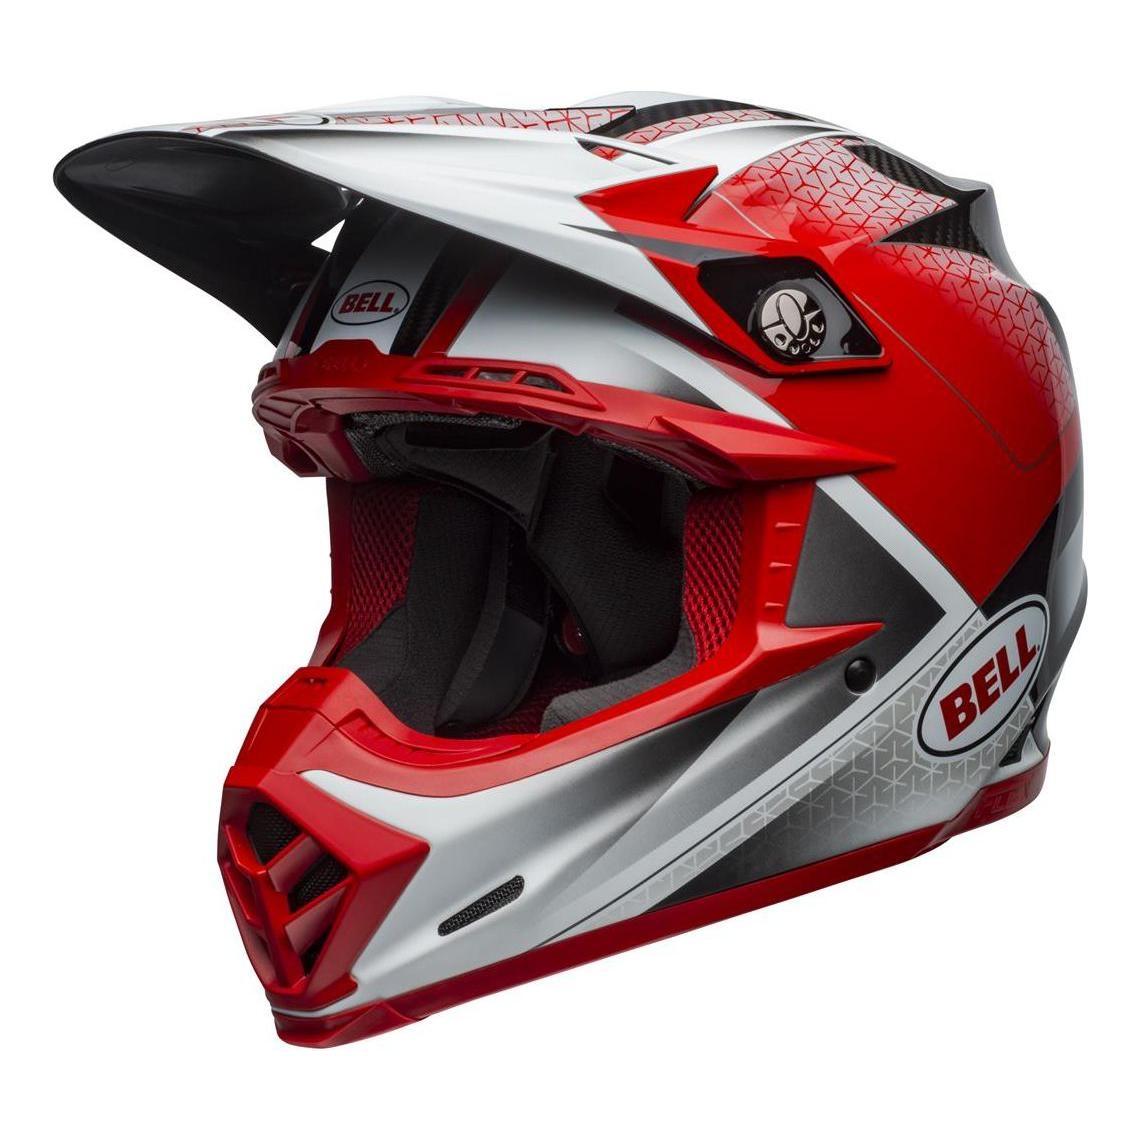 Casque cross Bell Moto-9 Flex Hound rouge/blanc/noir - XS